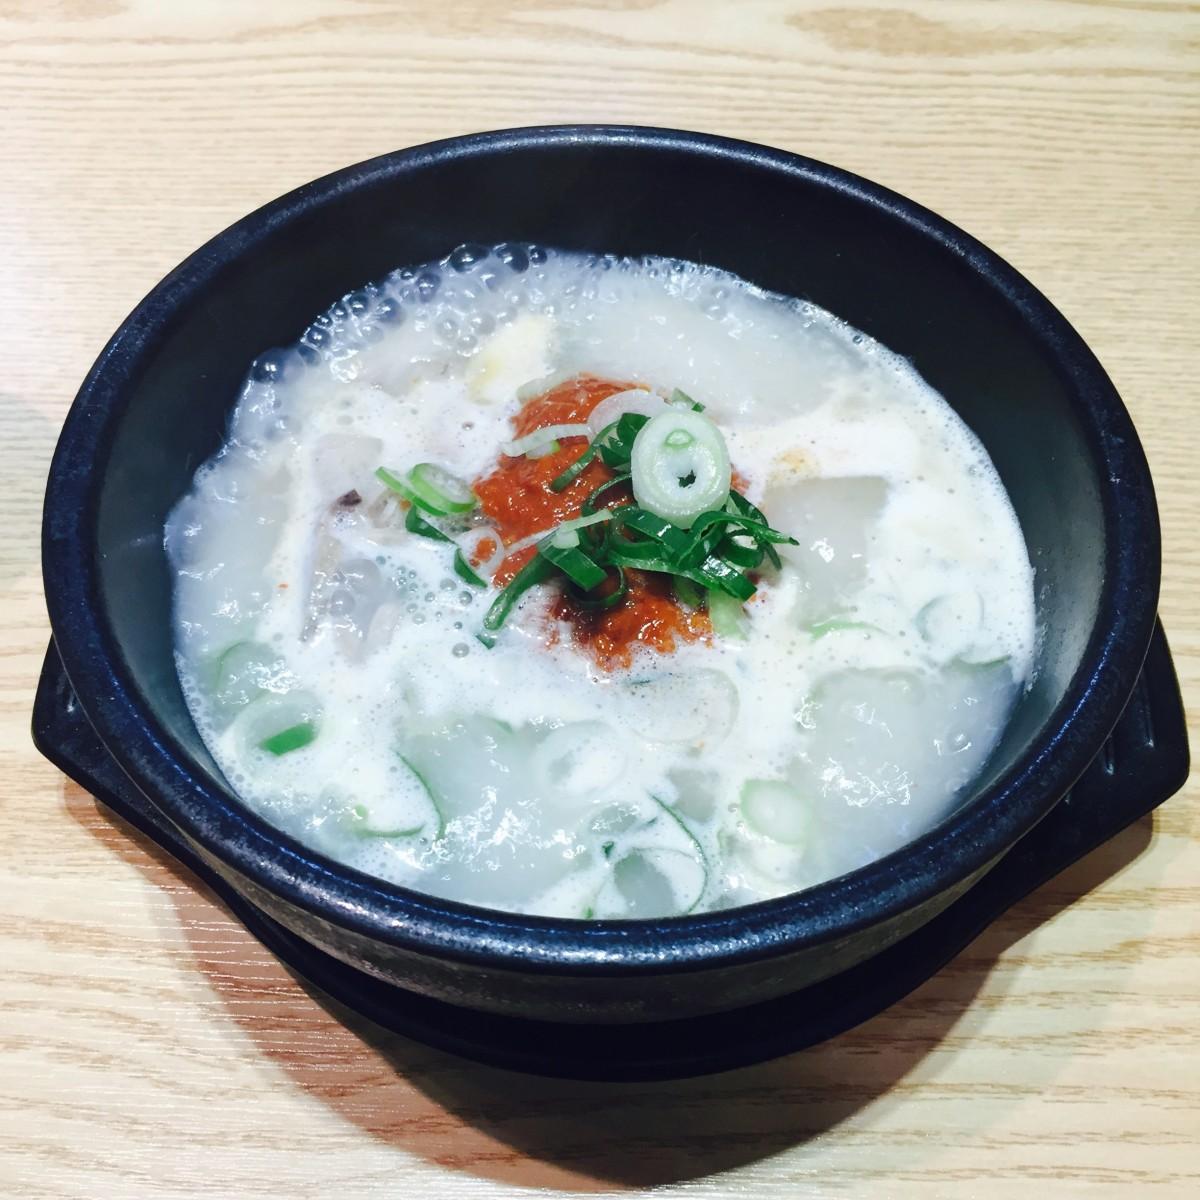 Fotos gratis : plato, Produce, cocina, comida asiática, chelín ...